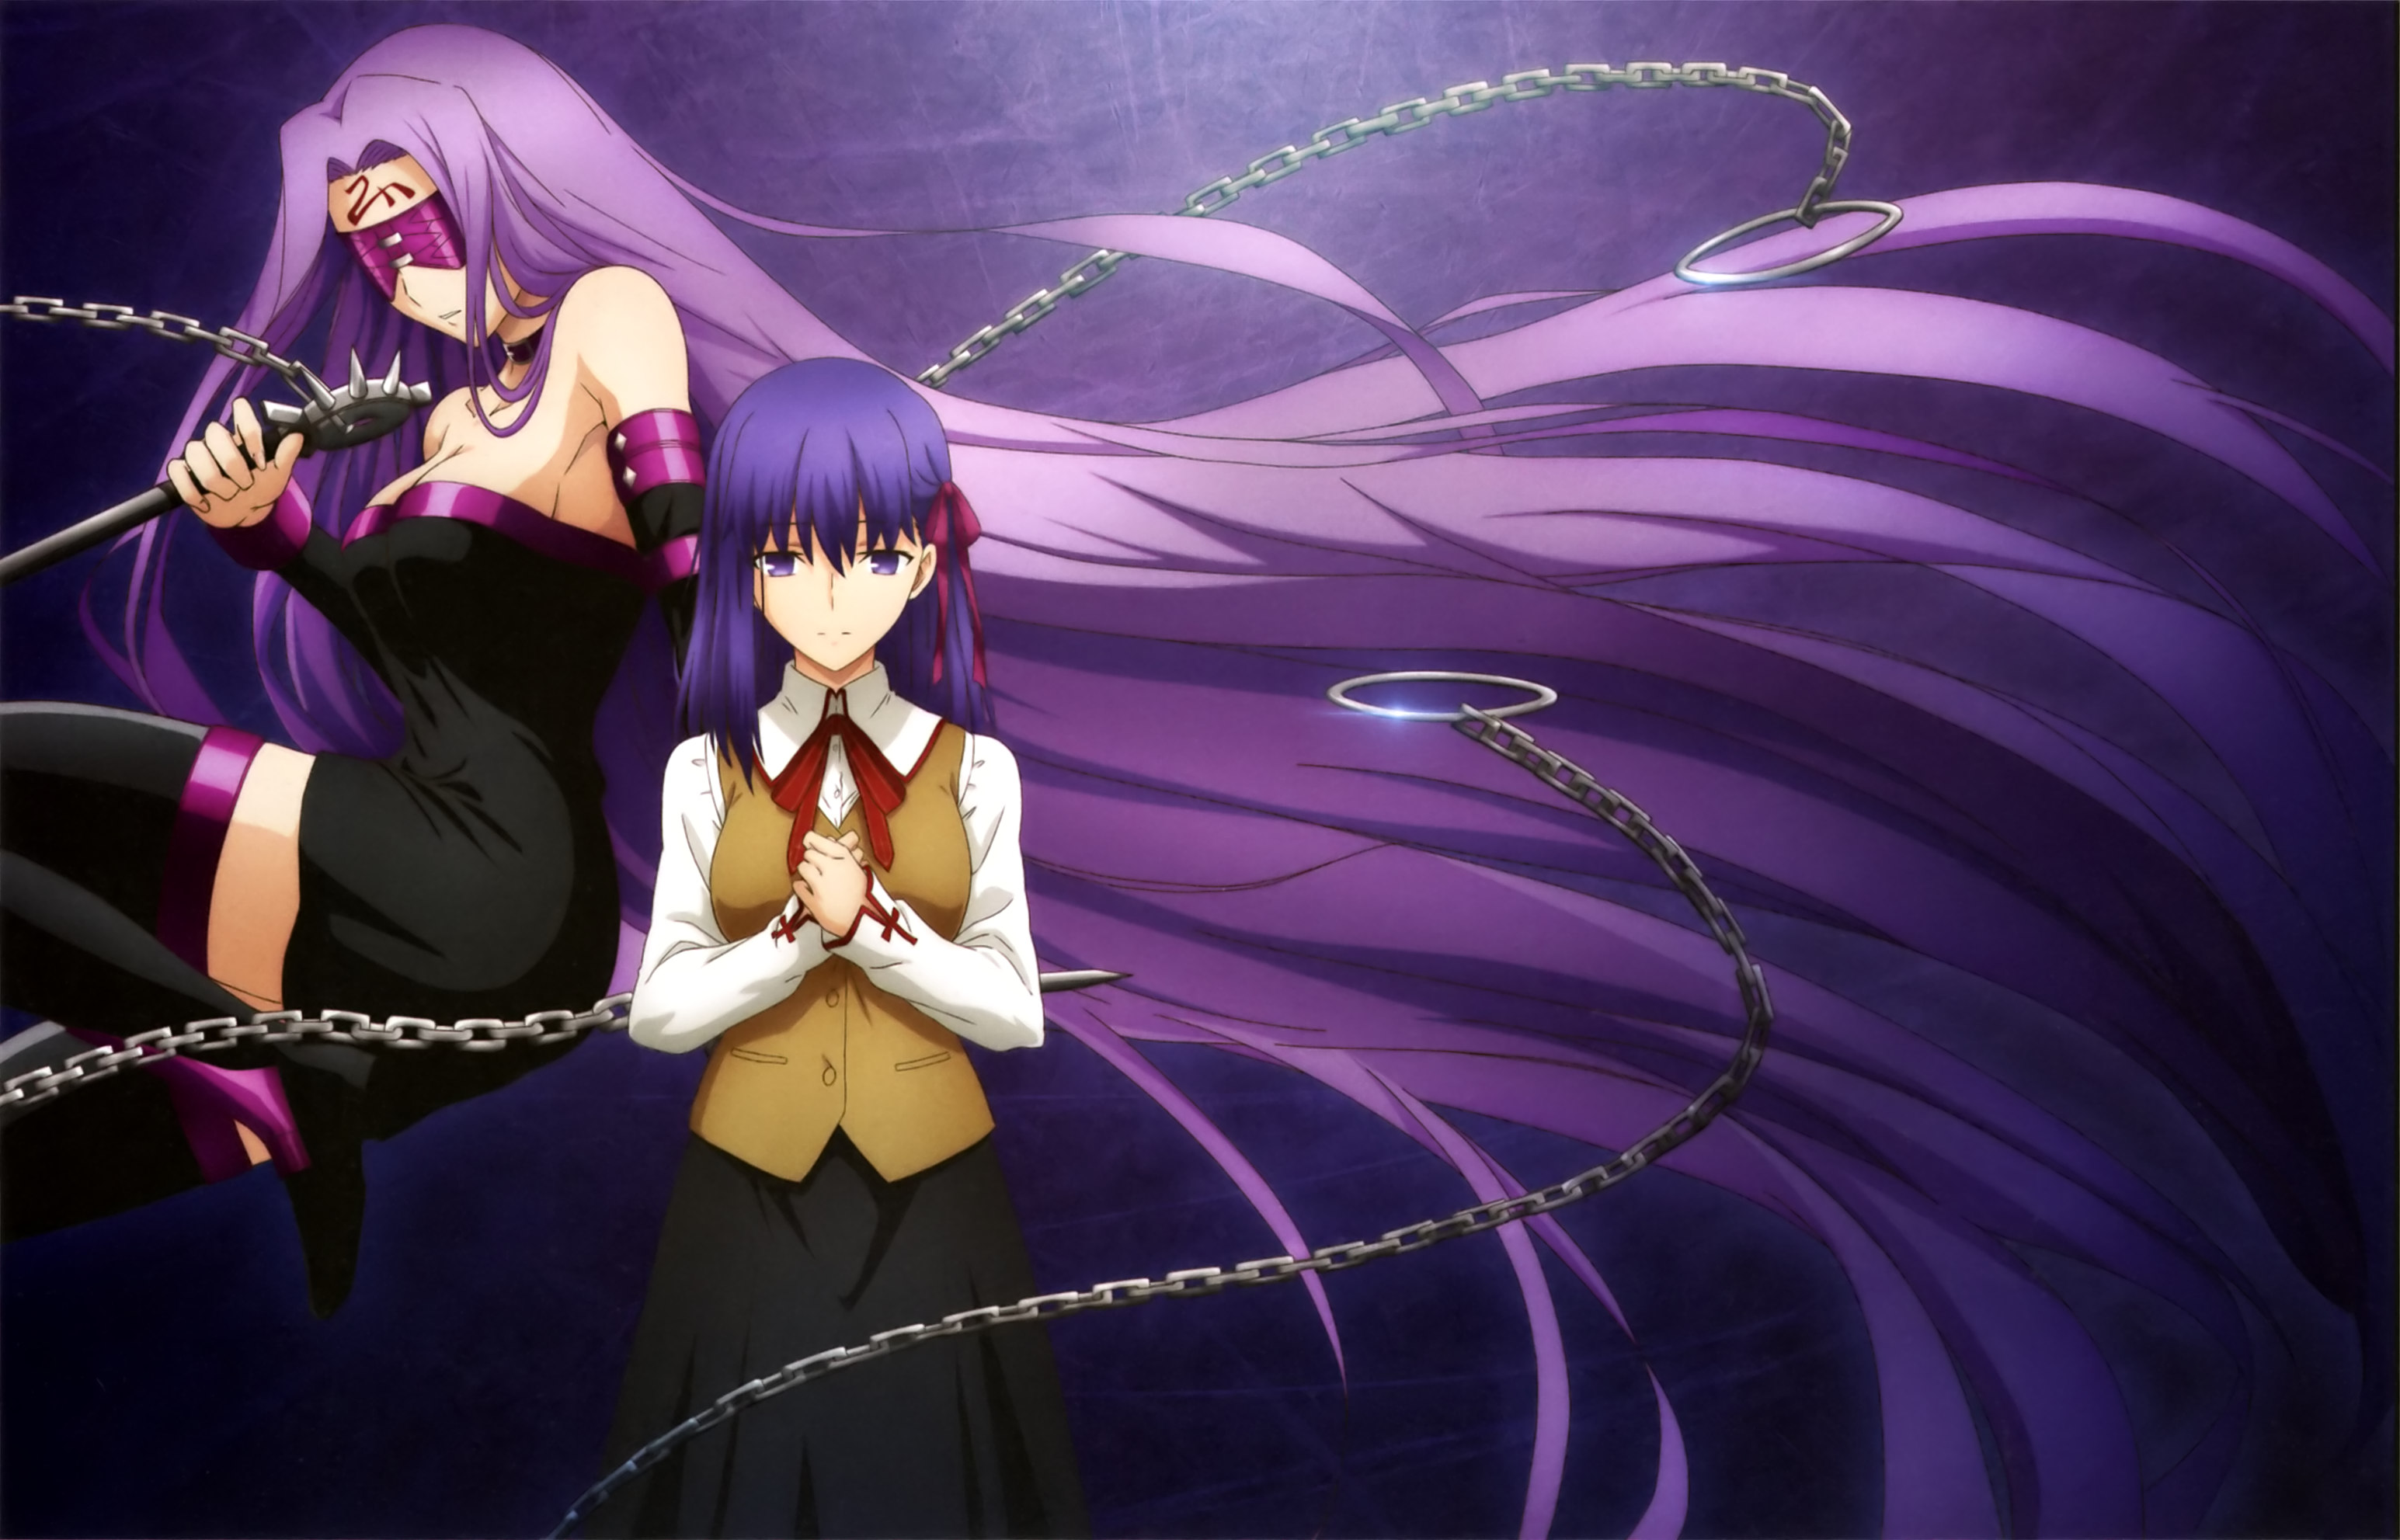 La relation entre Rider et Sakura sera centrale à cet arc